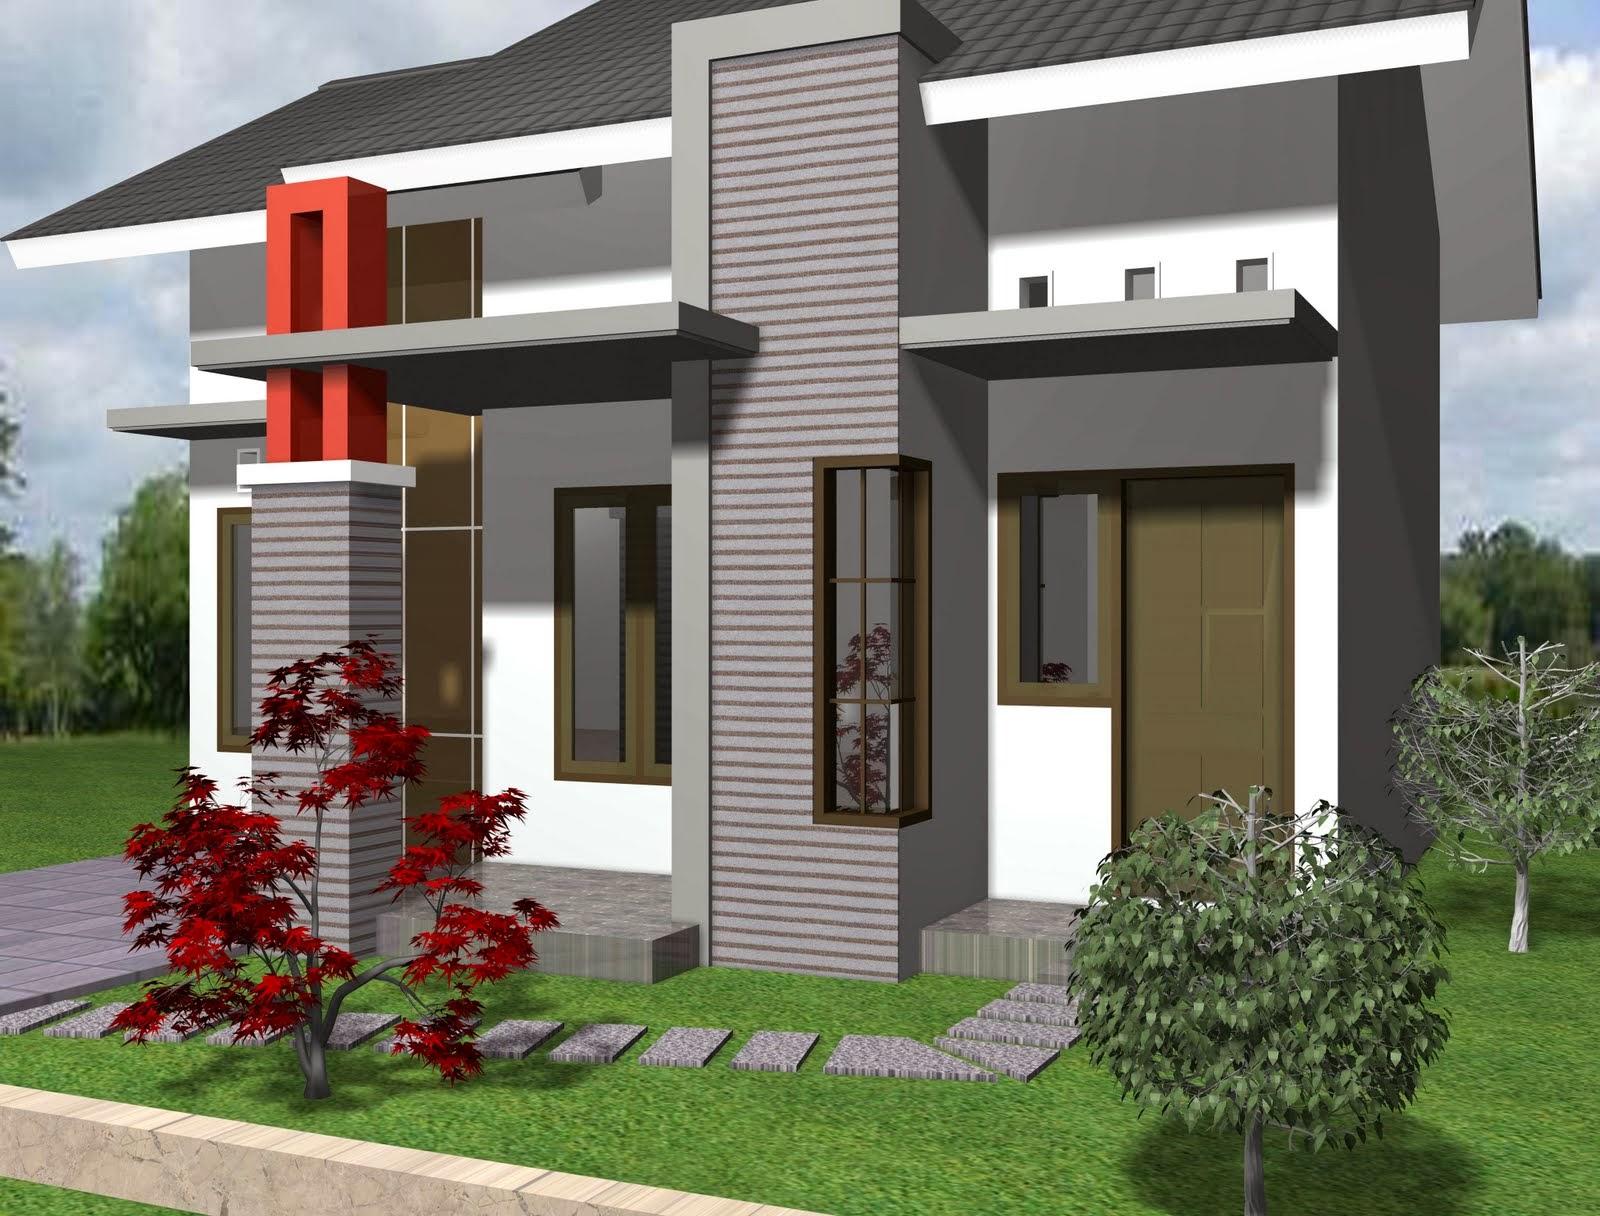 Gambar Desain Rumah Minimalis Sederhana Lantai 1 Terbaru